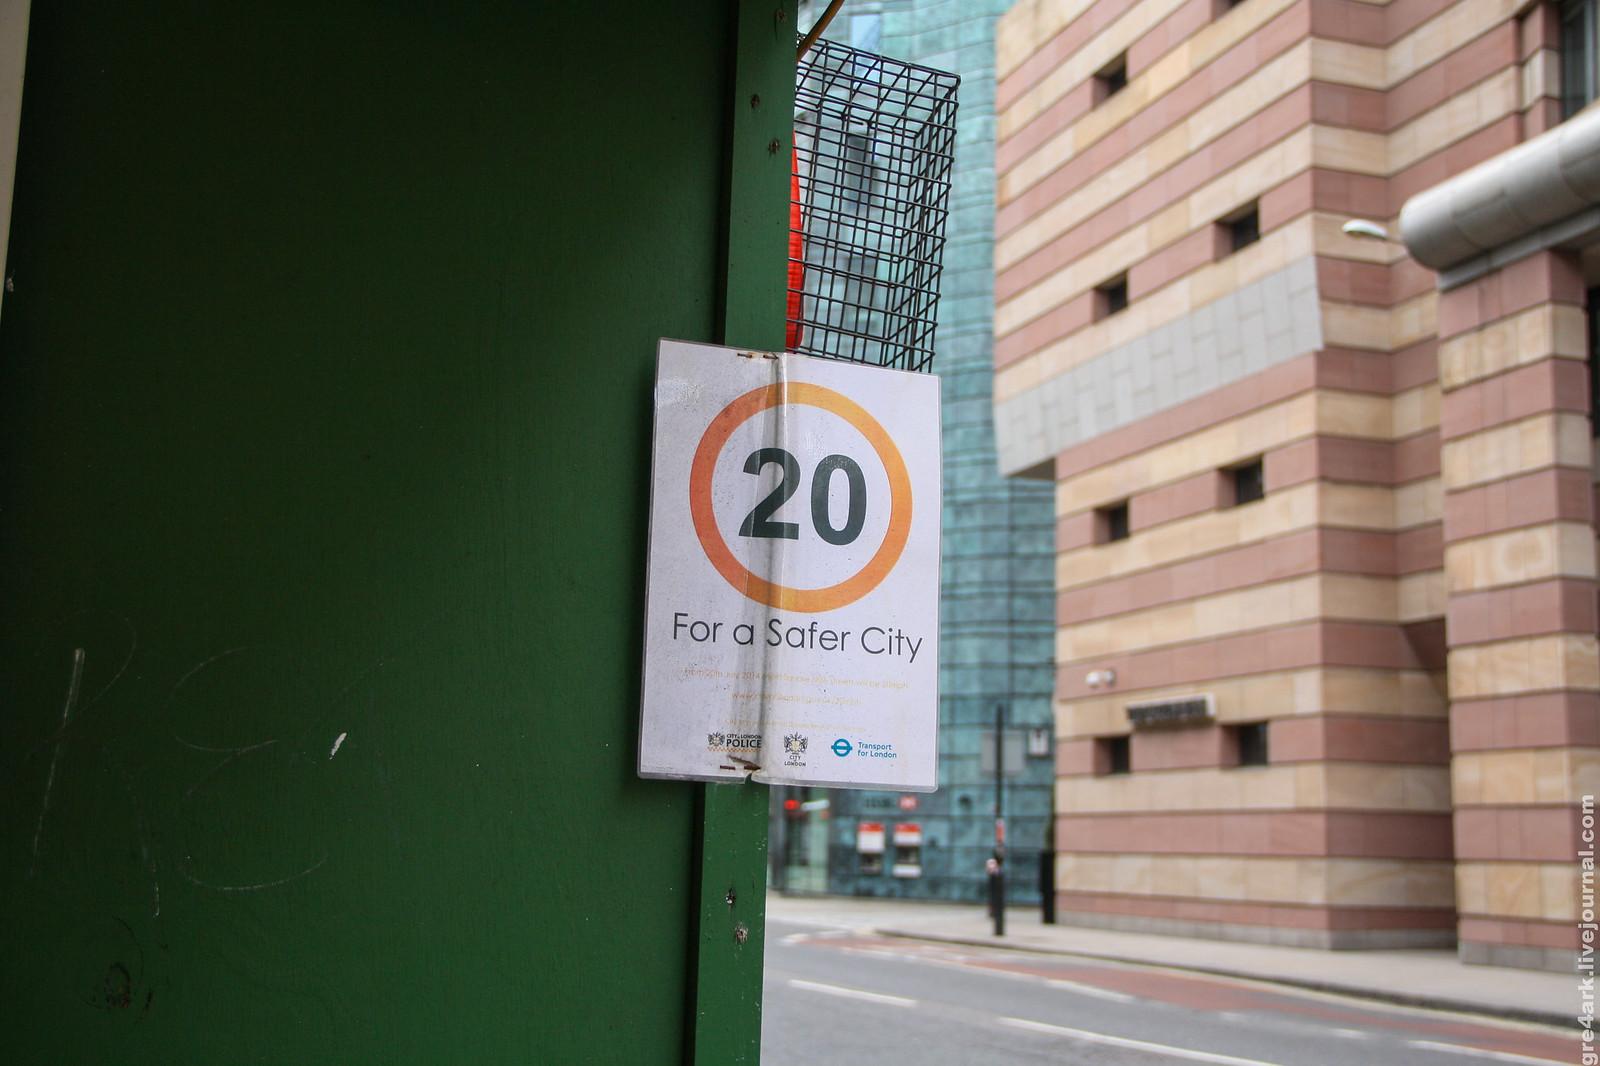 План достижения нулевой смертности на улицах Лондона